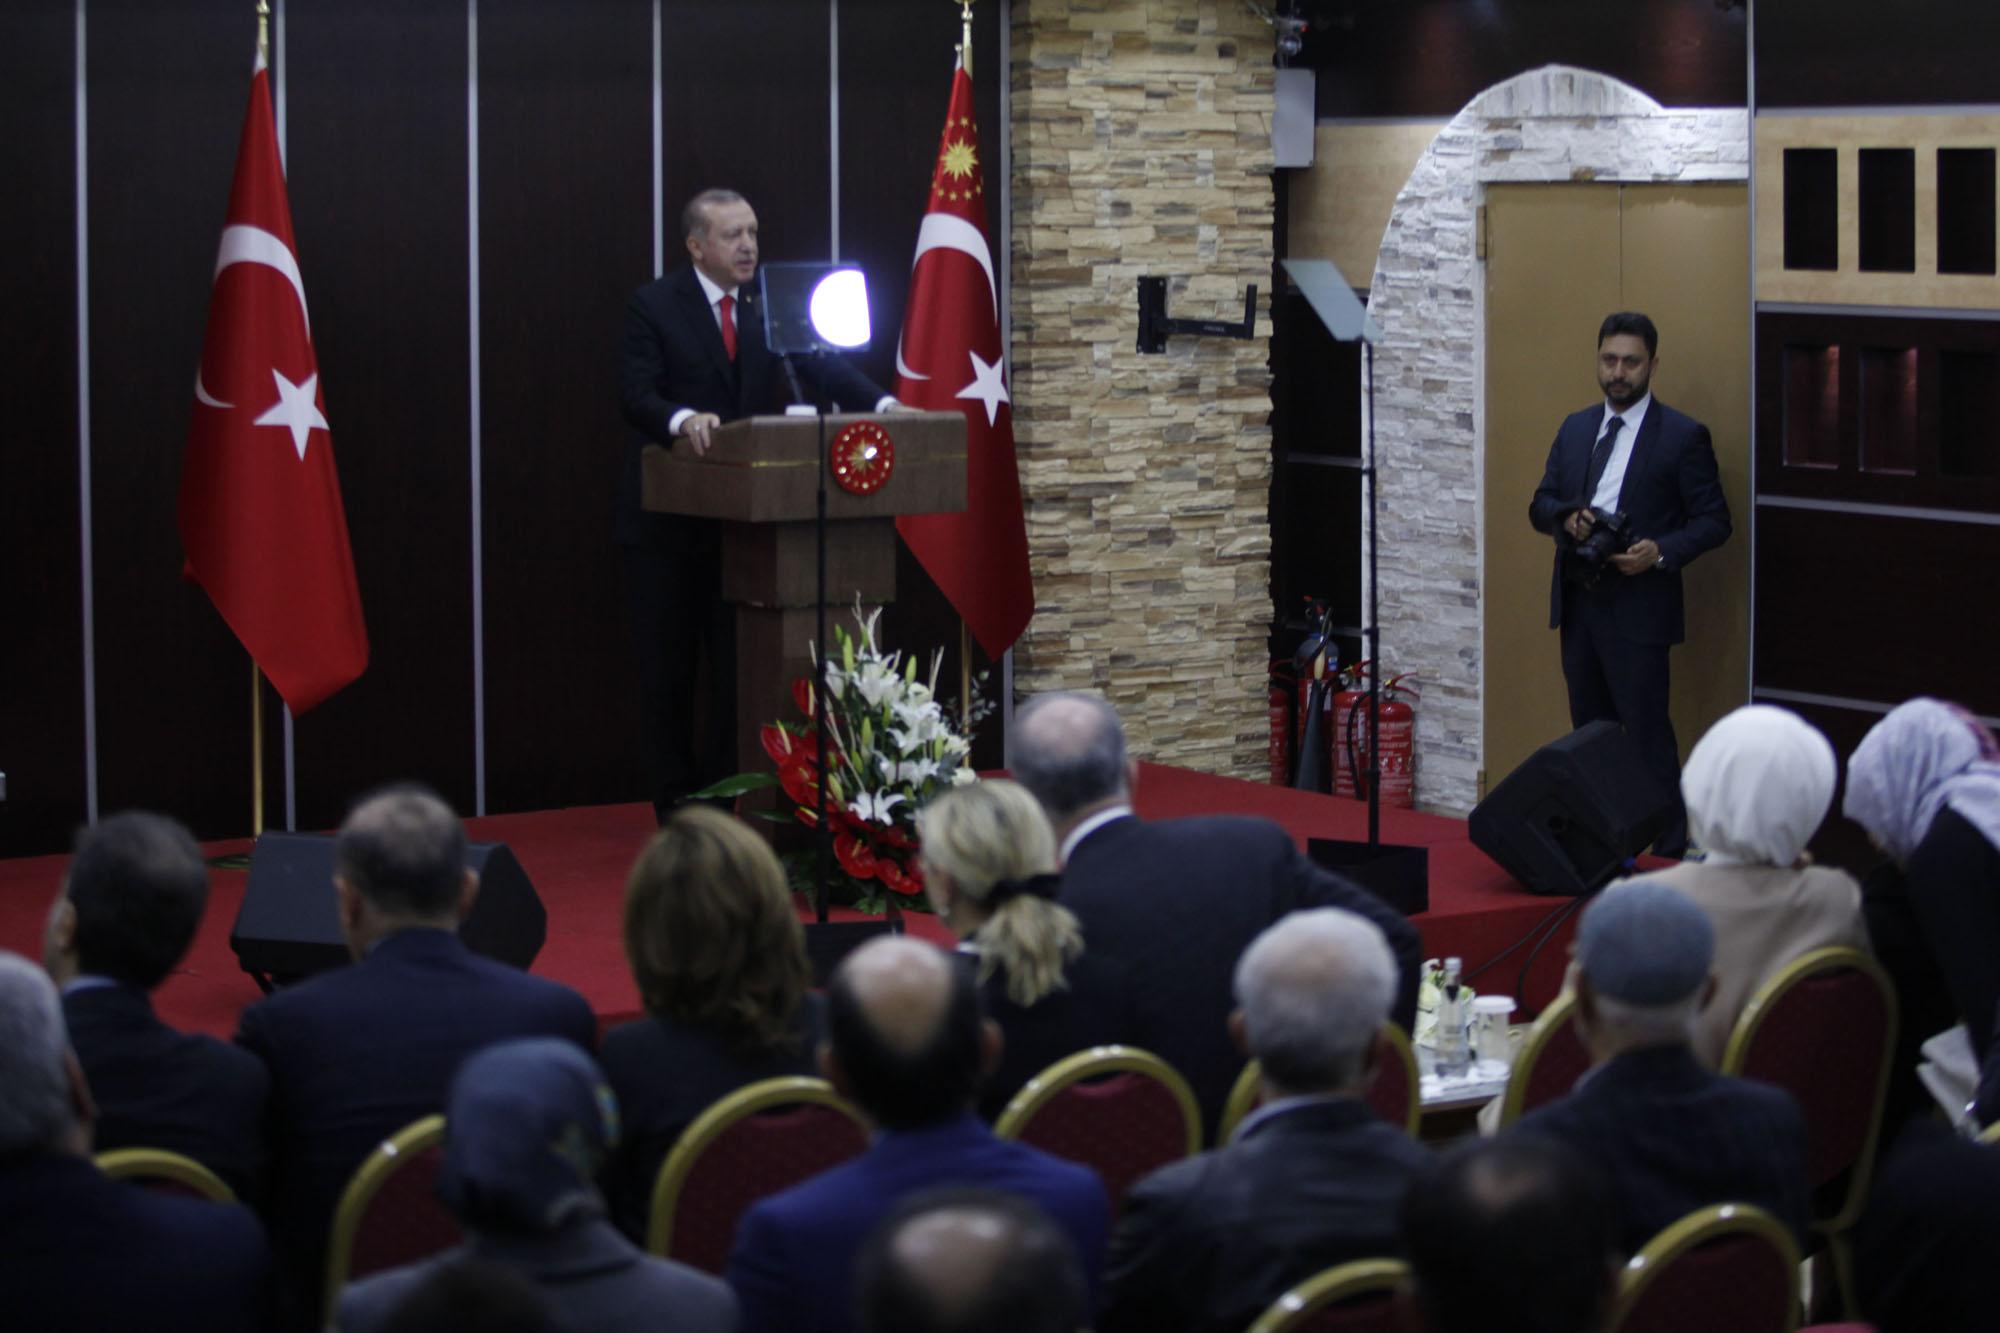 Τι σημαίνει «επανακαθαρισμός προσέγγισης με την Τουρκία» κύριε Πρωθυπουργέ την στιγμή που η Ελλας έχει την πρωτοβουλία κινήσεων; [ΒΙΝΤΕΟ]